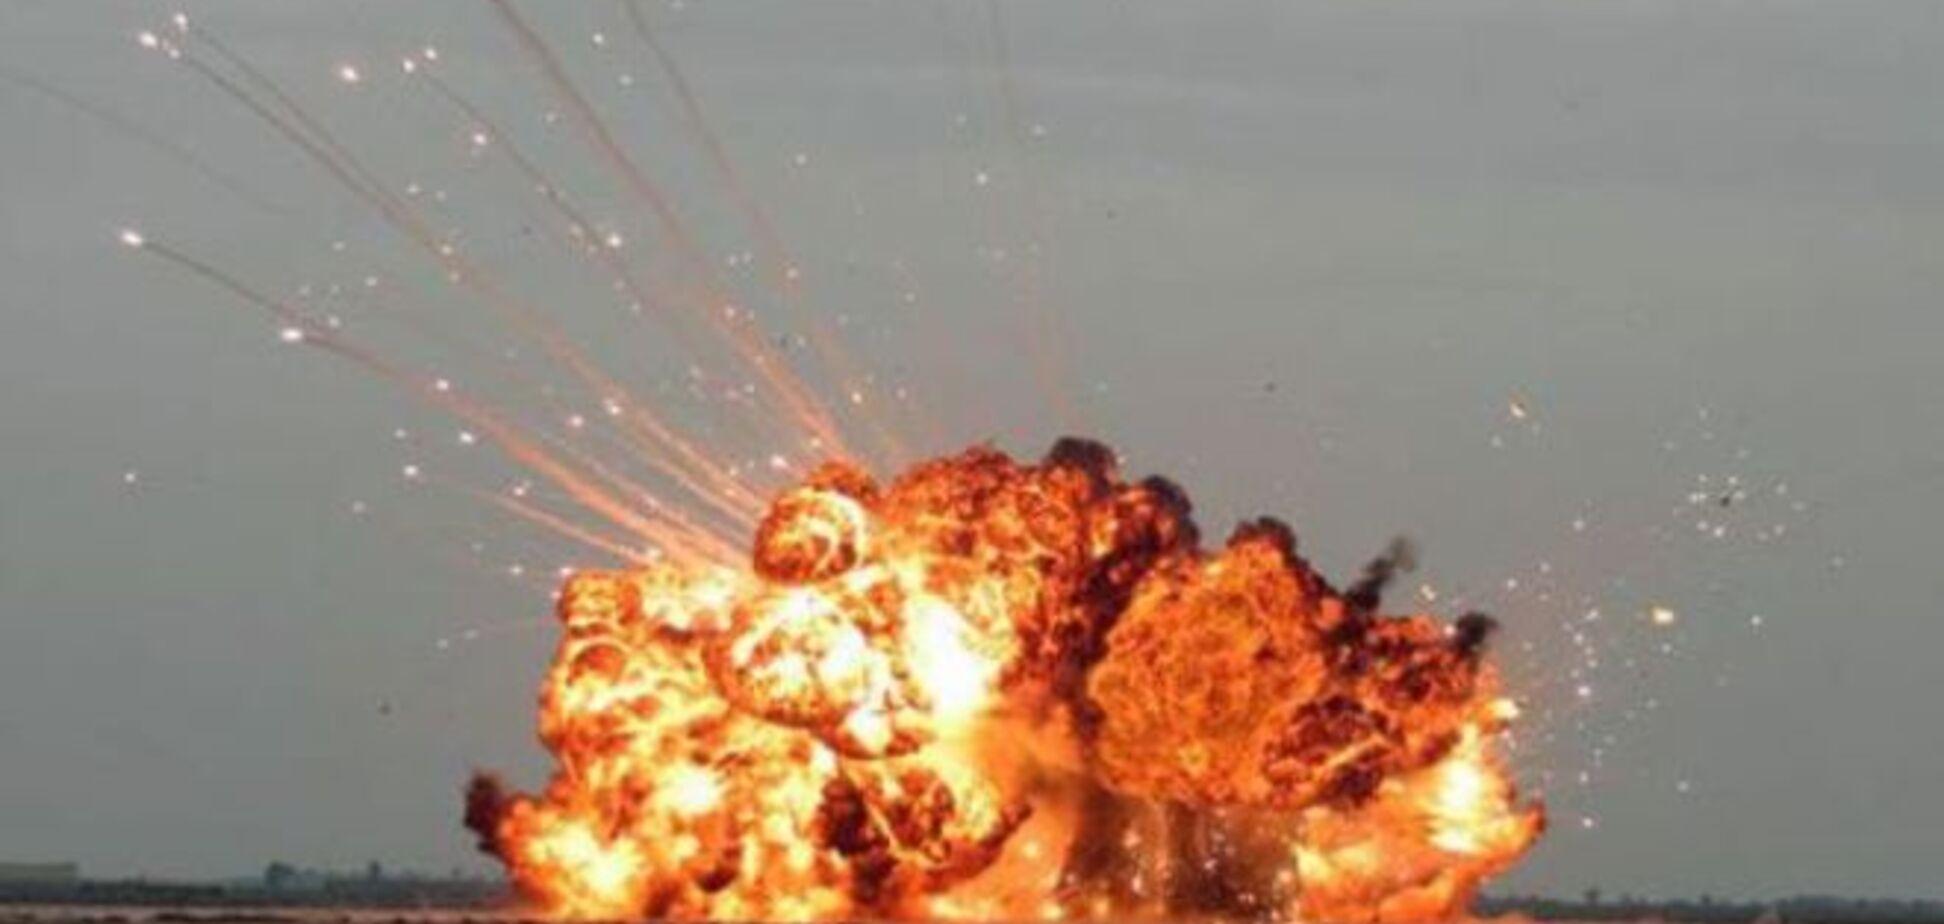 Під Донецьком бойовики підірвали склад боєкомплектів: загинули 5 воїнів АТО, 1 - поранений